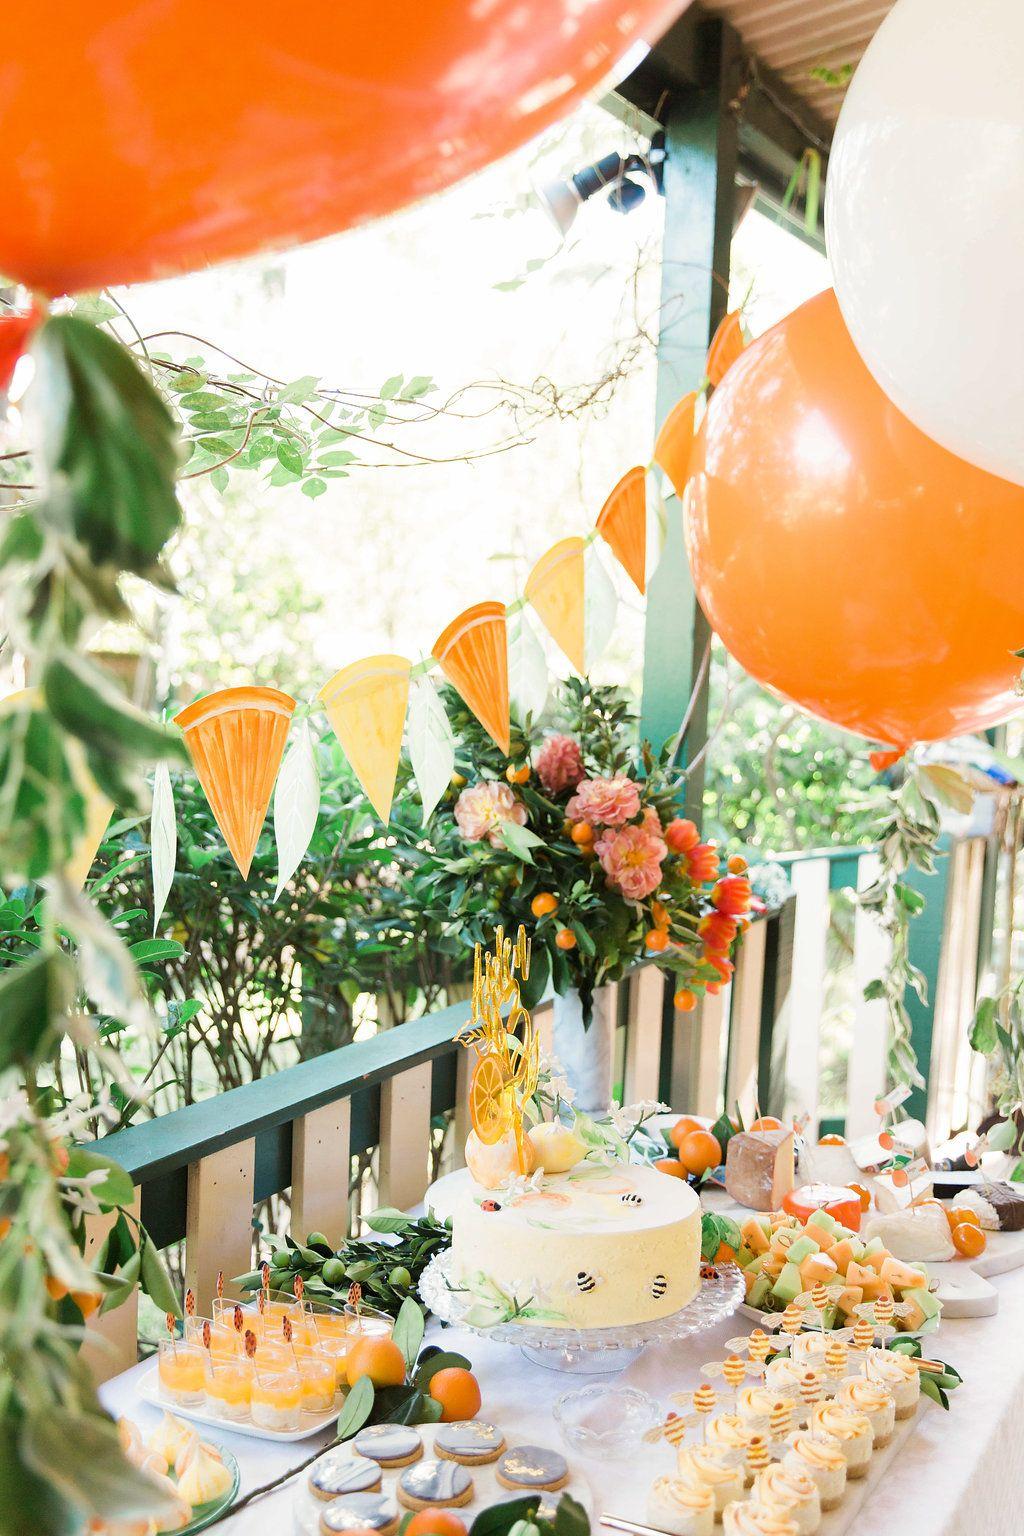 Garden decor for baby shower  In the Orange Garden  Baby shower  Pinterest  Orange Party and